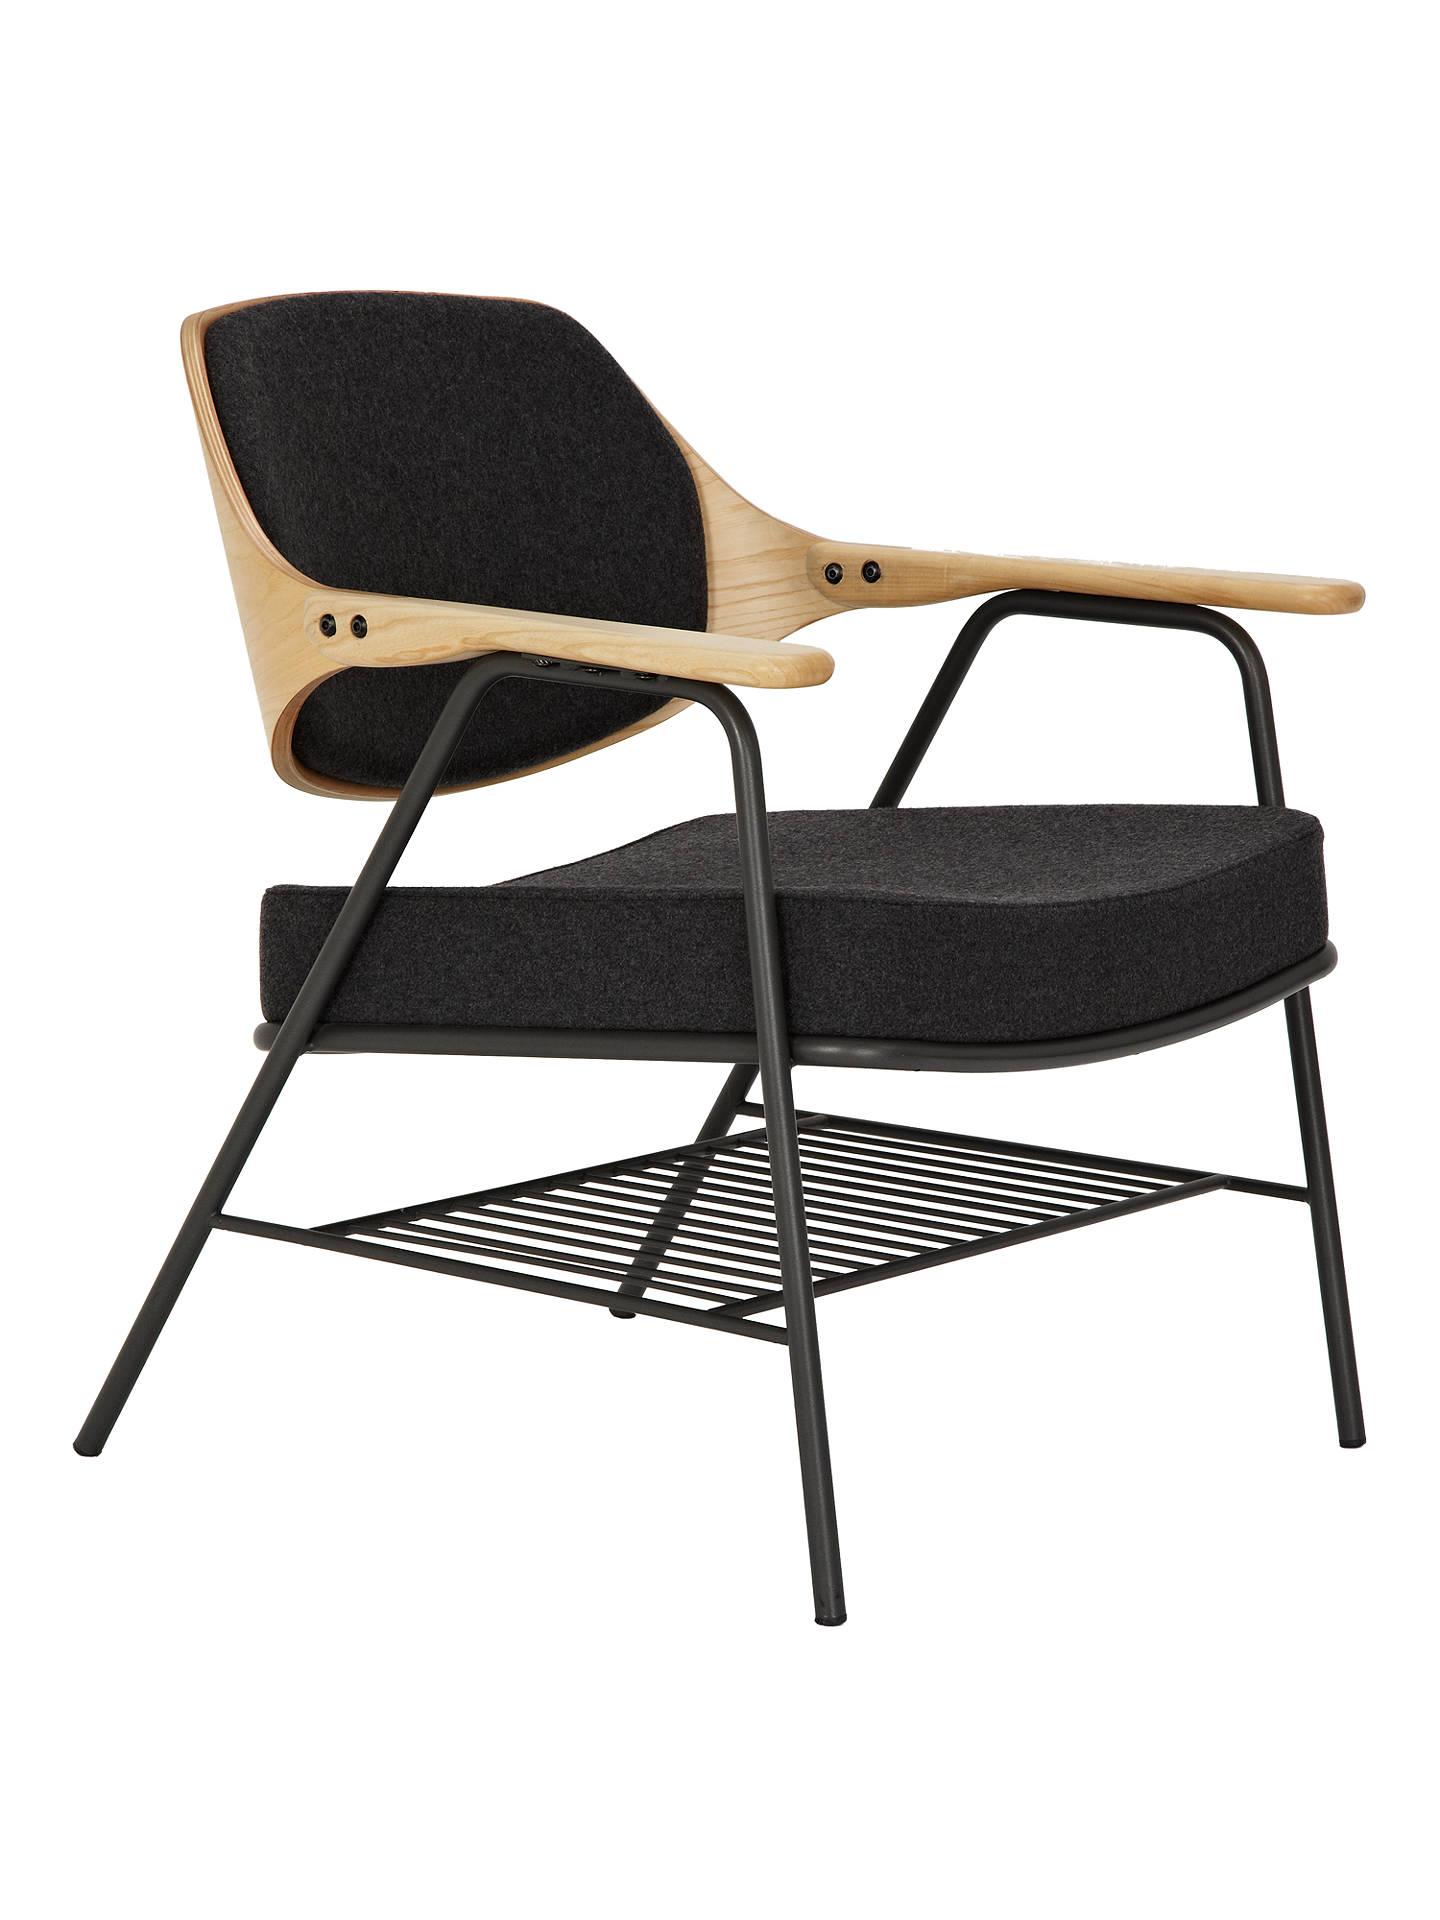 Wondrous Oliver Hrubiak For John Lewis Finn Lounge Chair At John Dailytribune Chair Design For Home Dailytribuneorg